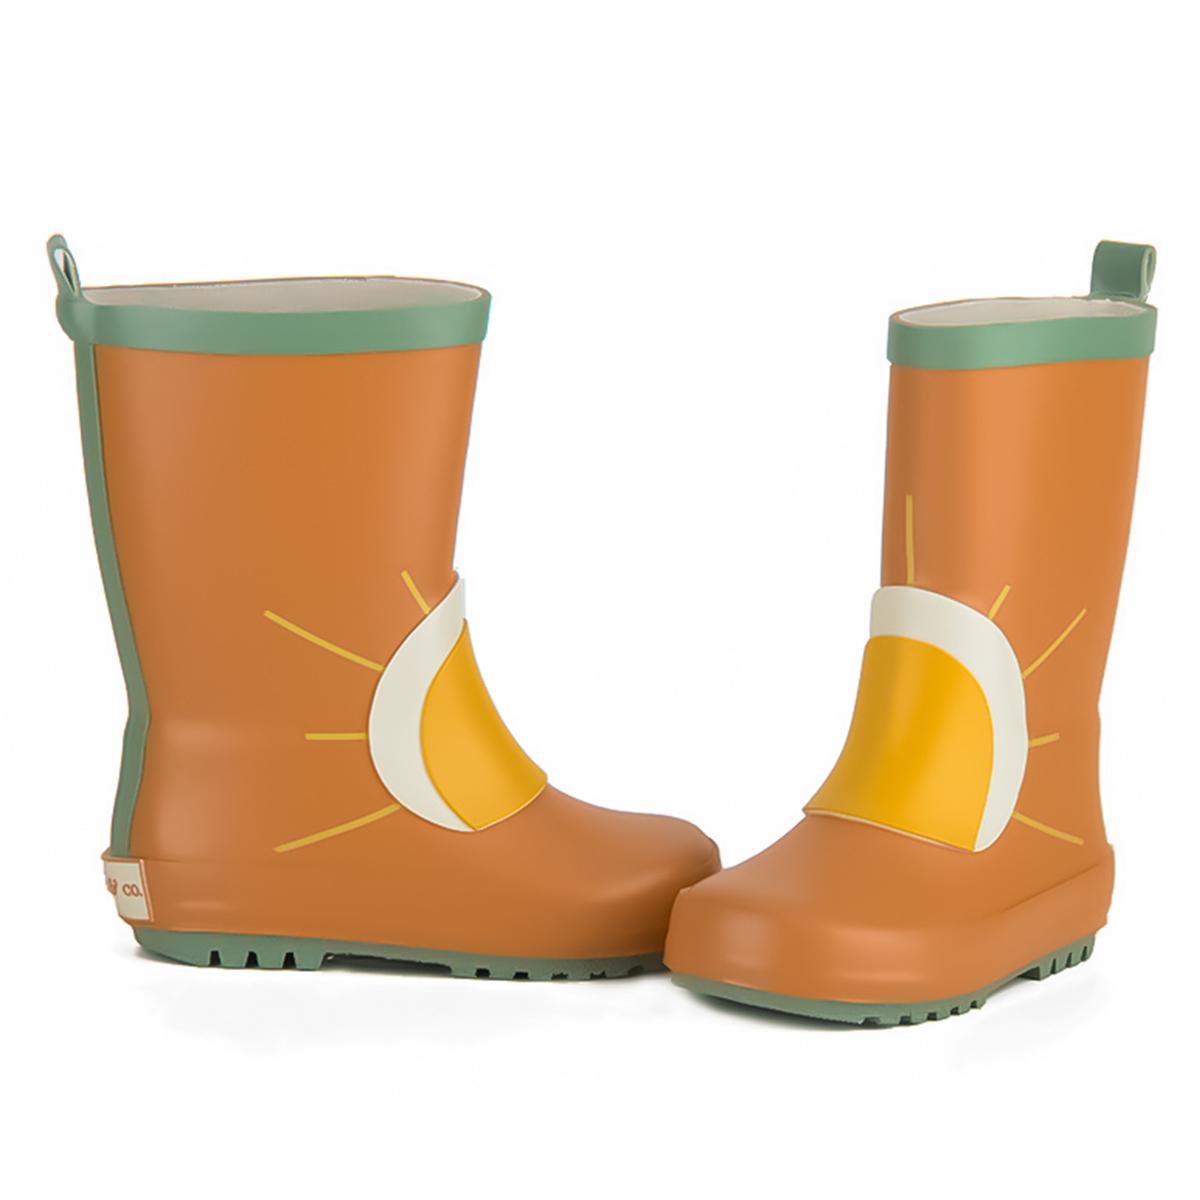 Chaussons & Chaussures Bottes de Pluie Rainbow Spice - 26 Bottes de Pluie Rainbow Spice - 26